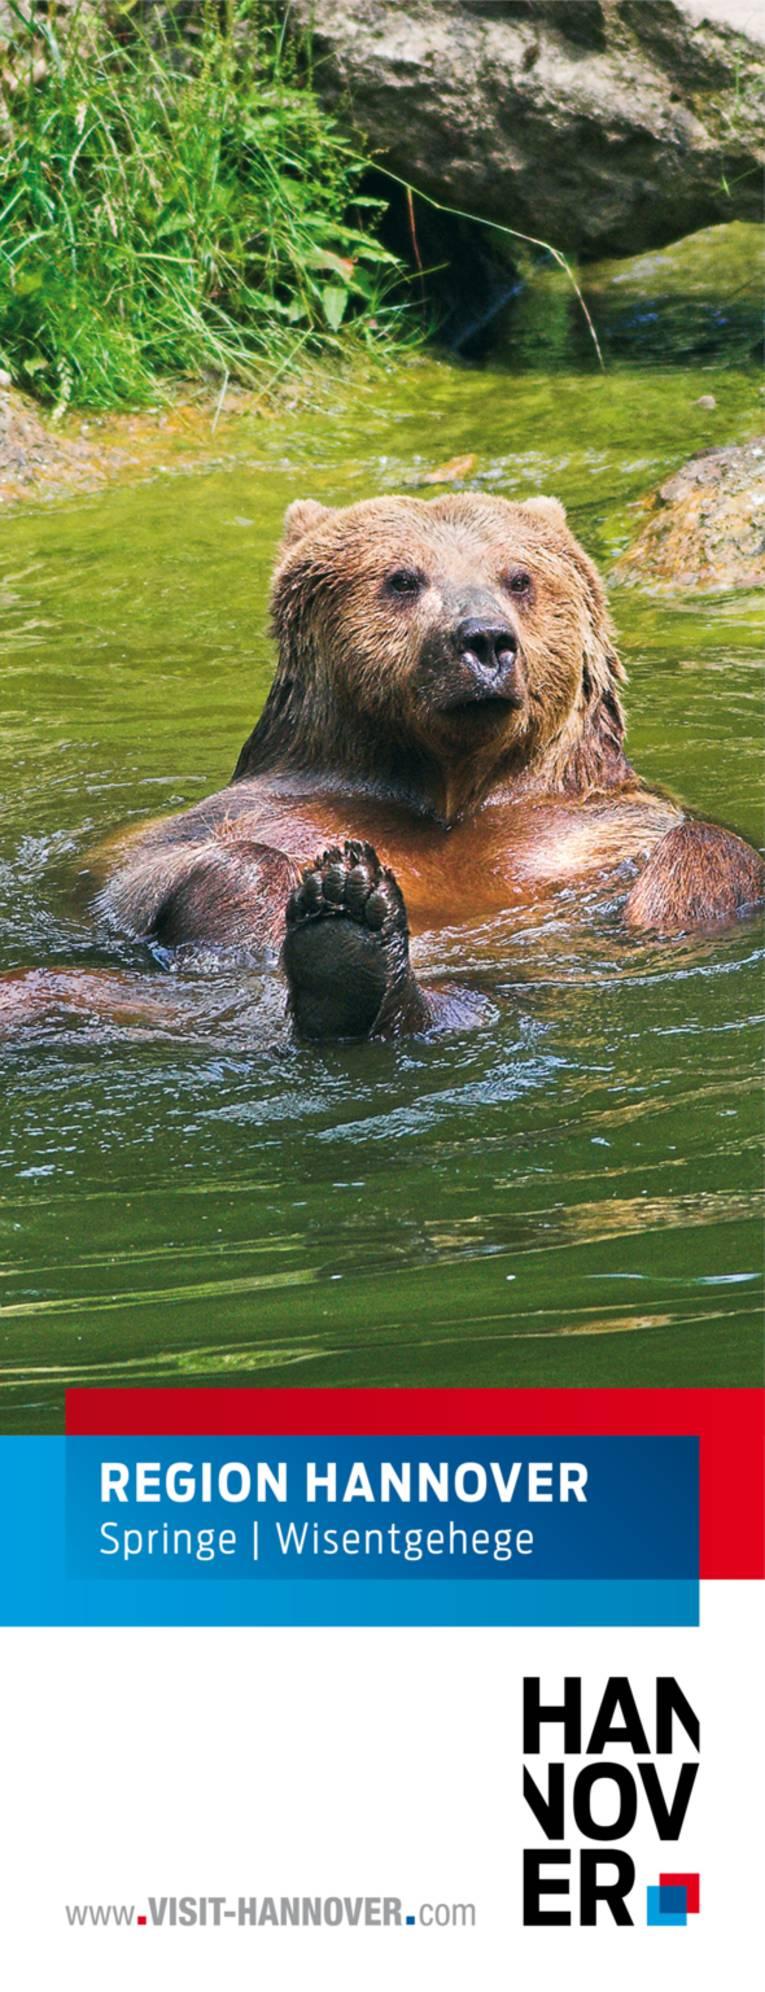 Springe präsentiert sich mit dem Foto eines Bären im Wisentgehege.